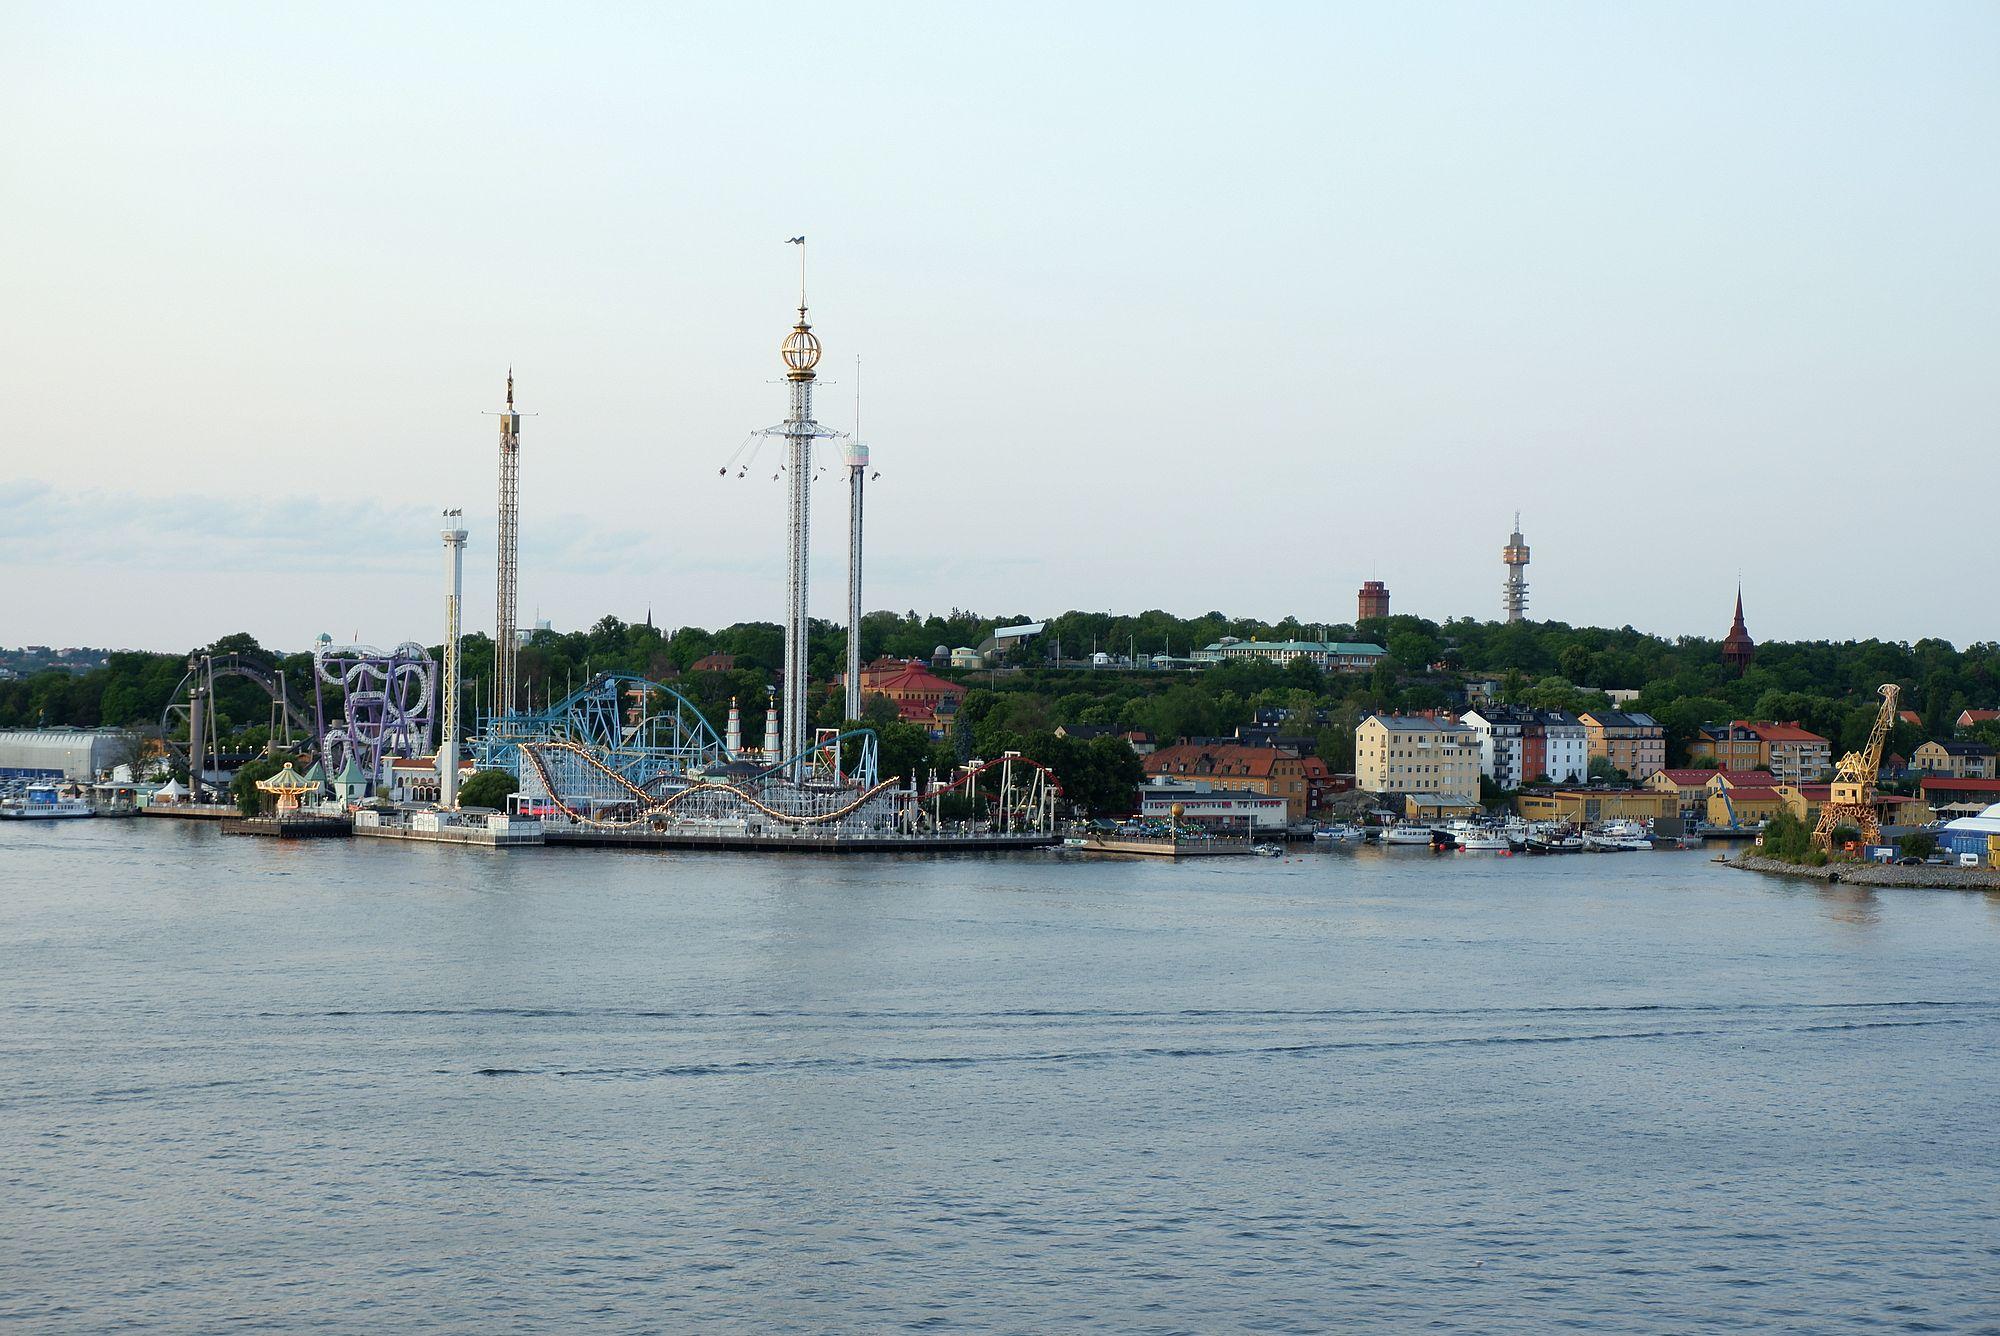 Gröna Lund, un parc d'attraction sur une île.